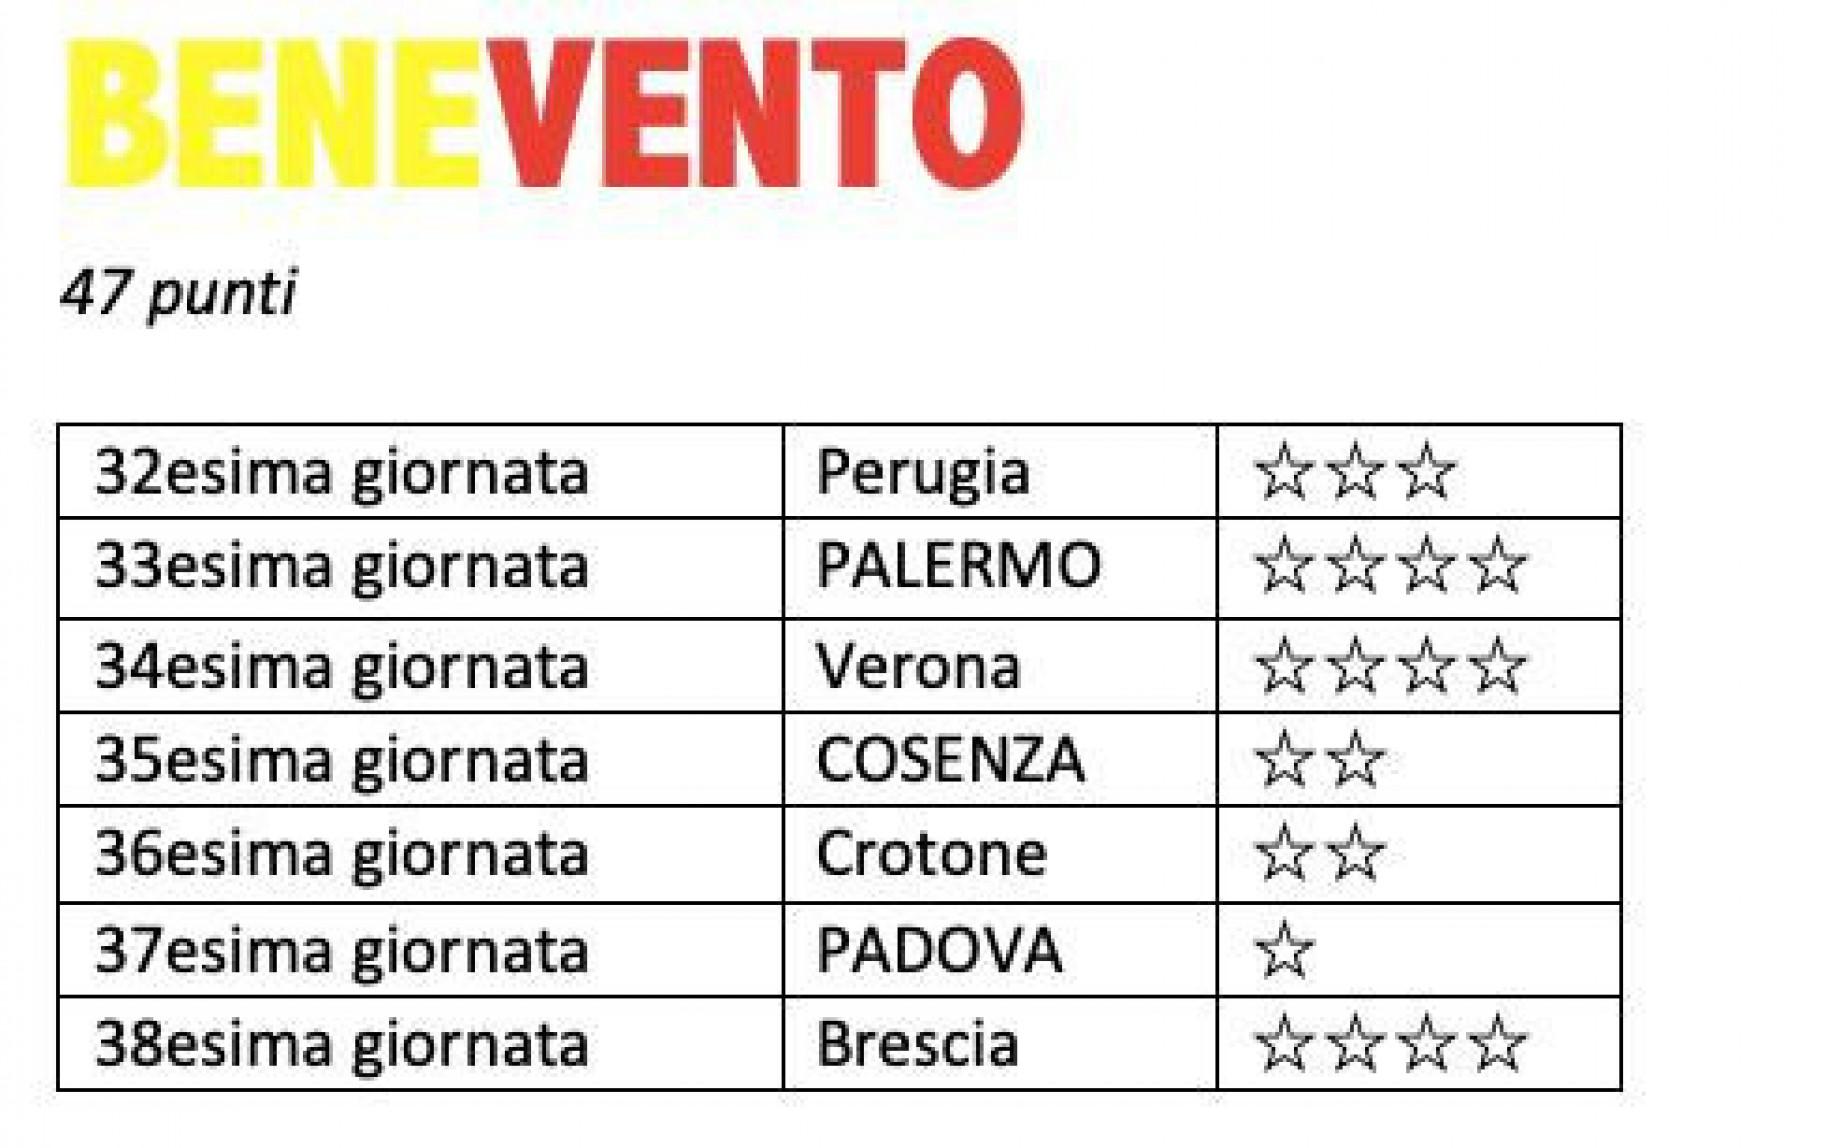 Calendario Benevento Calcio.Serie B Il Calendario Completo Della Lotta Promozione